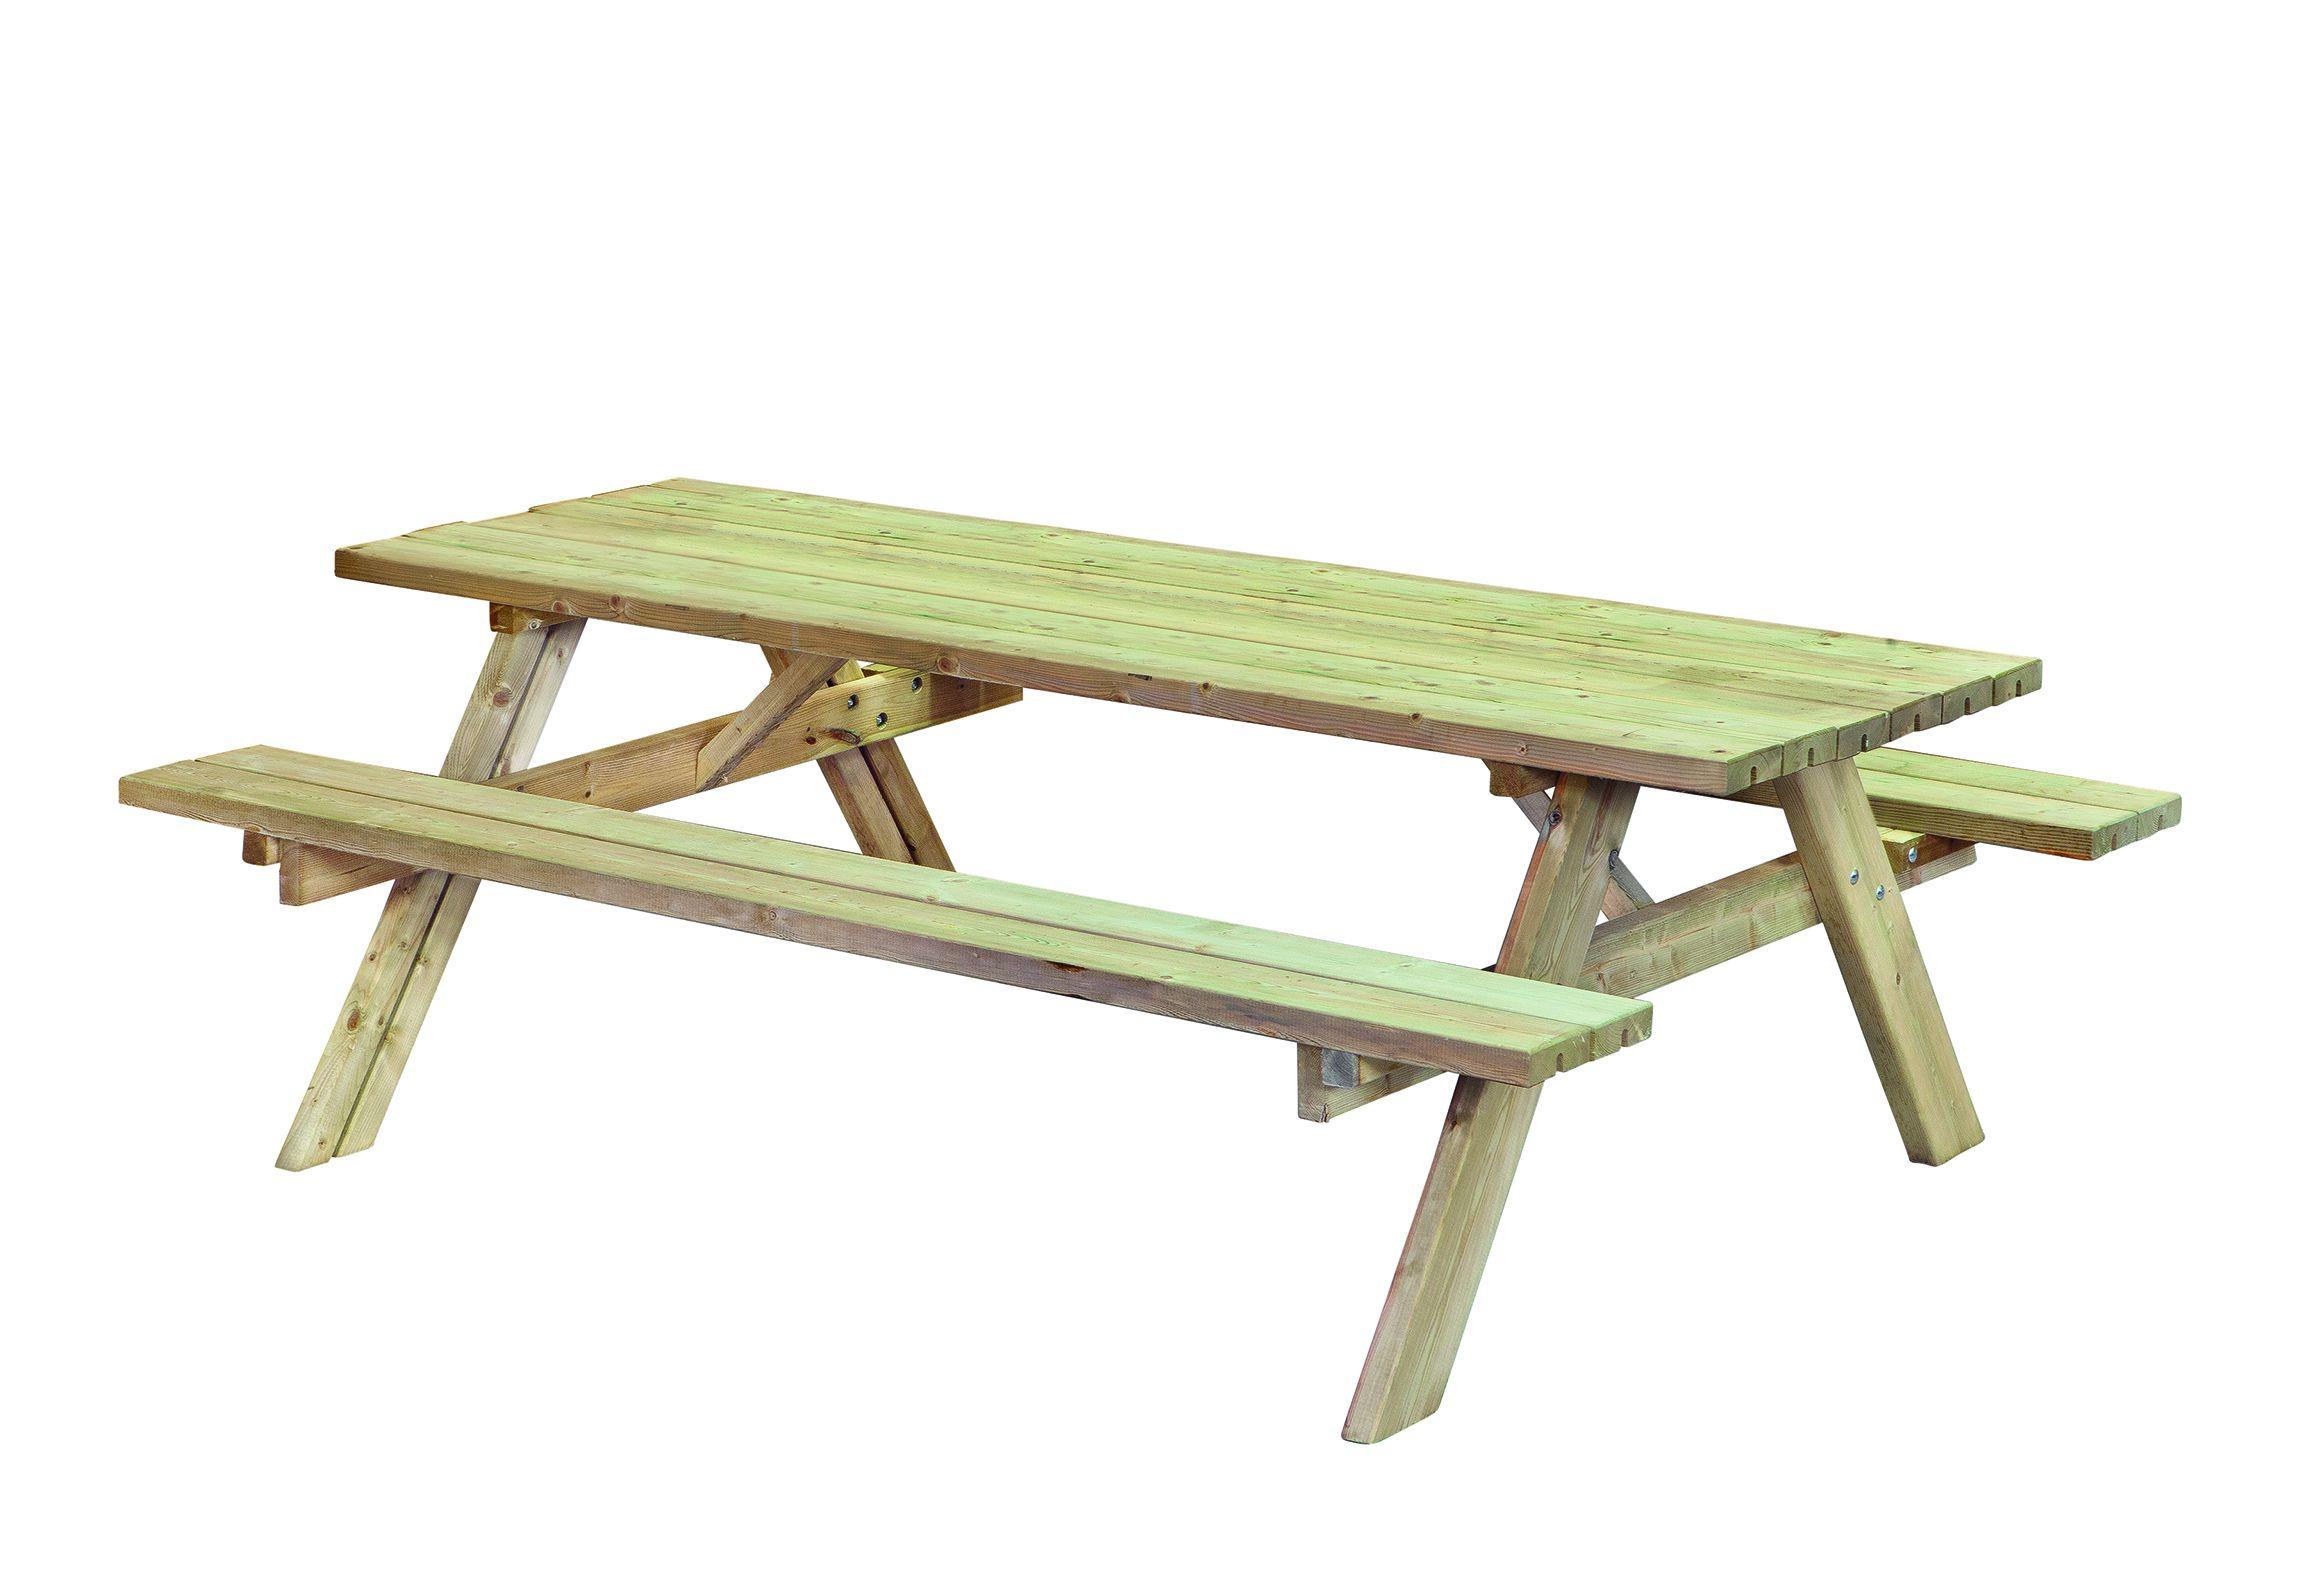 Fonkelnieuw Picknicktafel van hout 200 x 155 cm Gadero extra ZB-29